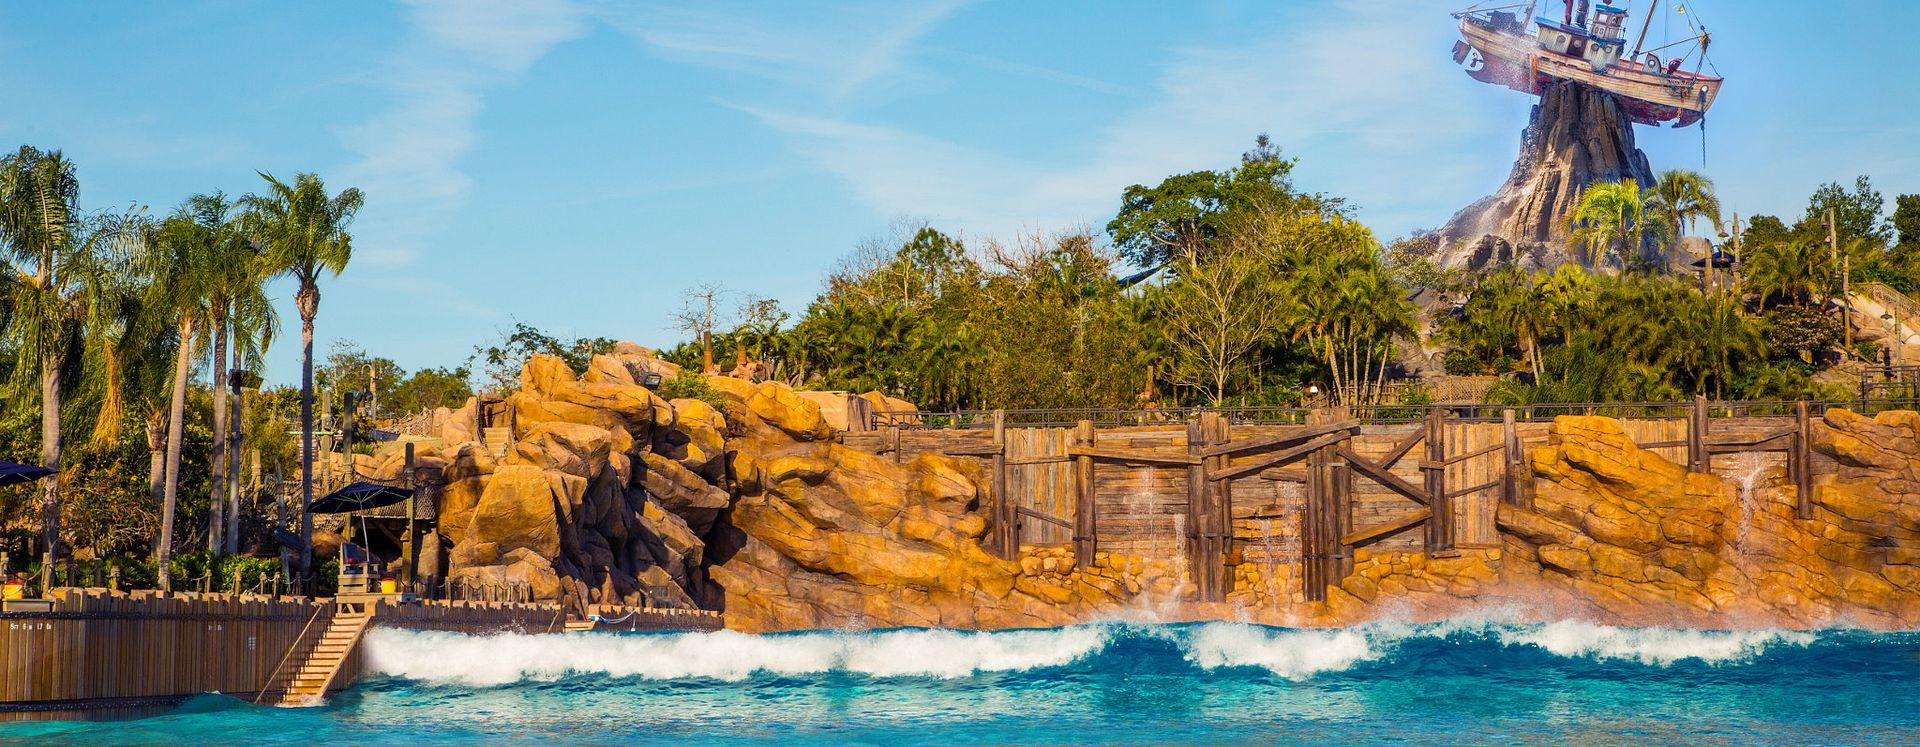 Piscina en el parque acuático Typhoon Lagoon en Disney